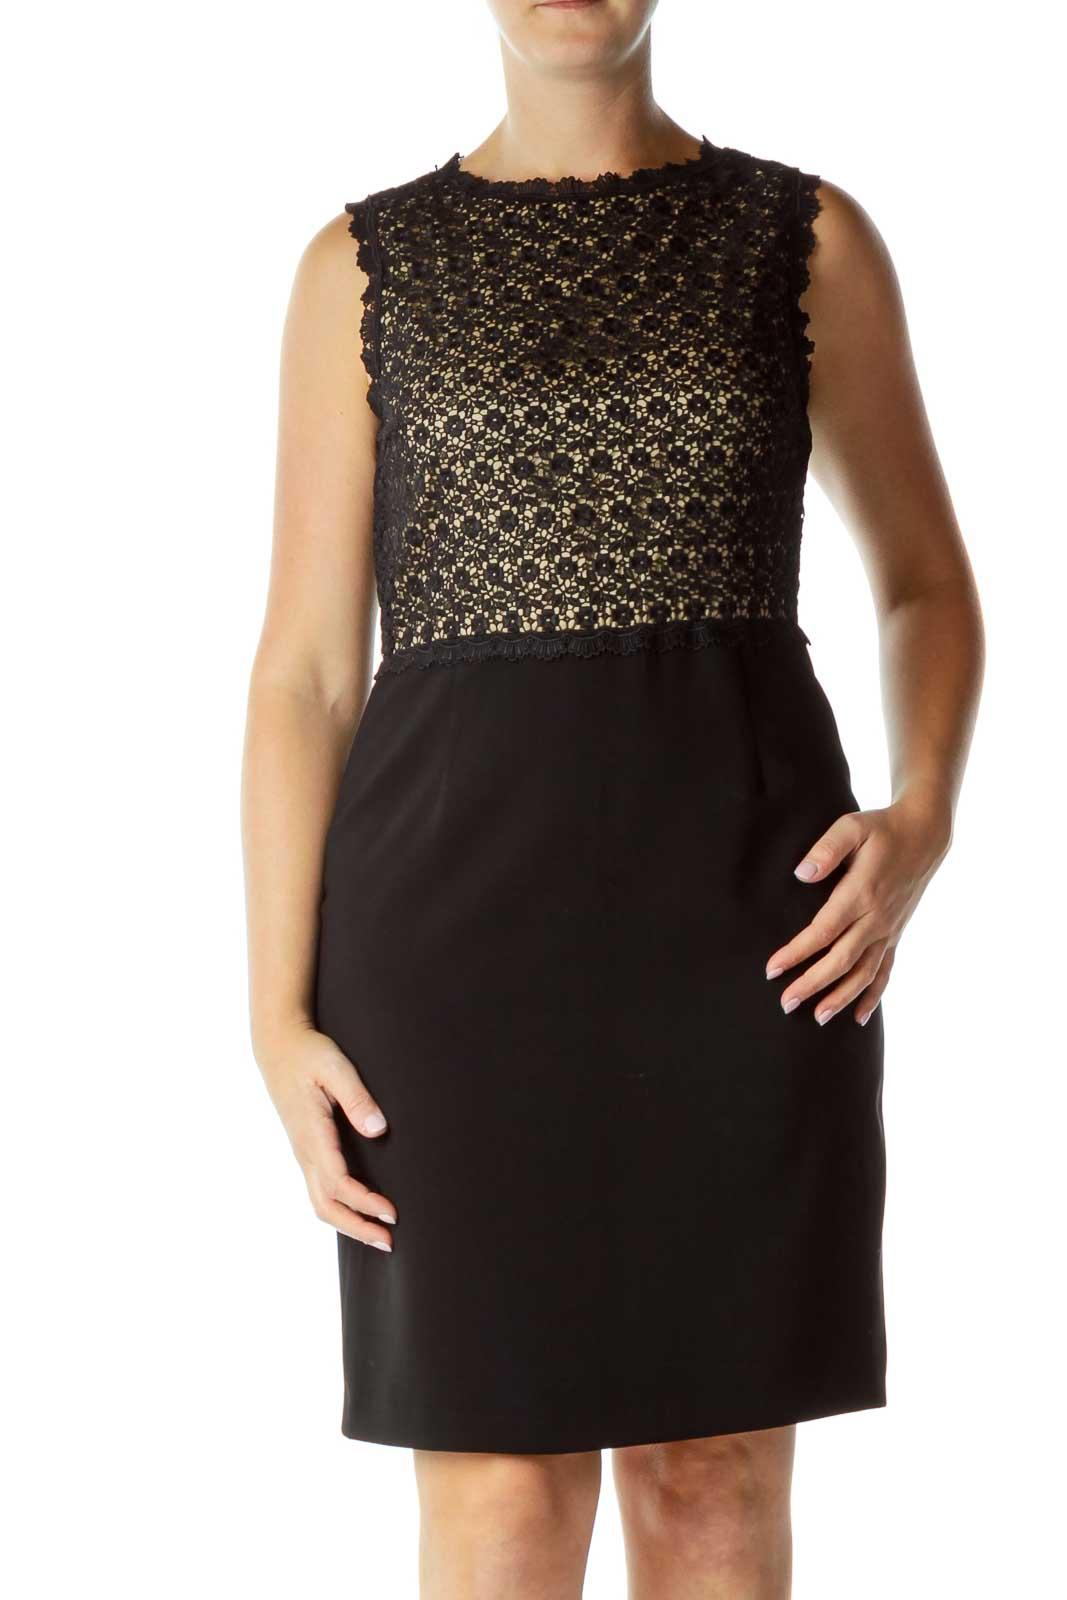 Black Beige Lace Top Cocktail Dress Front